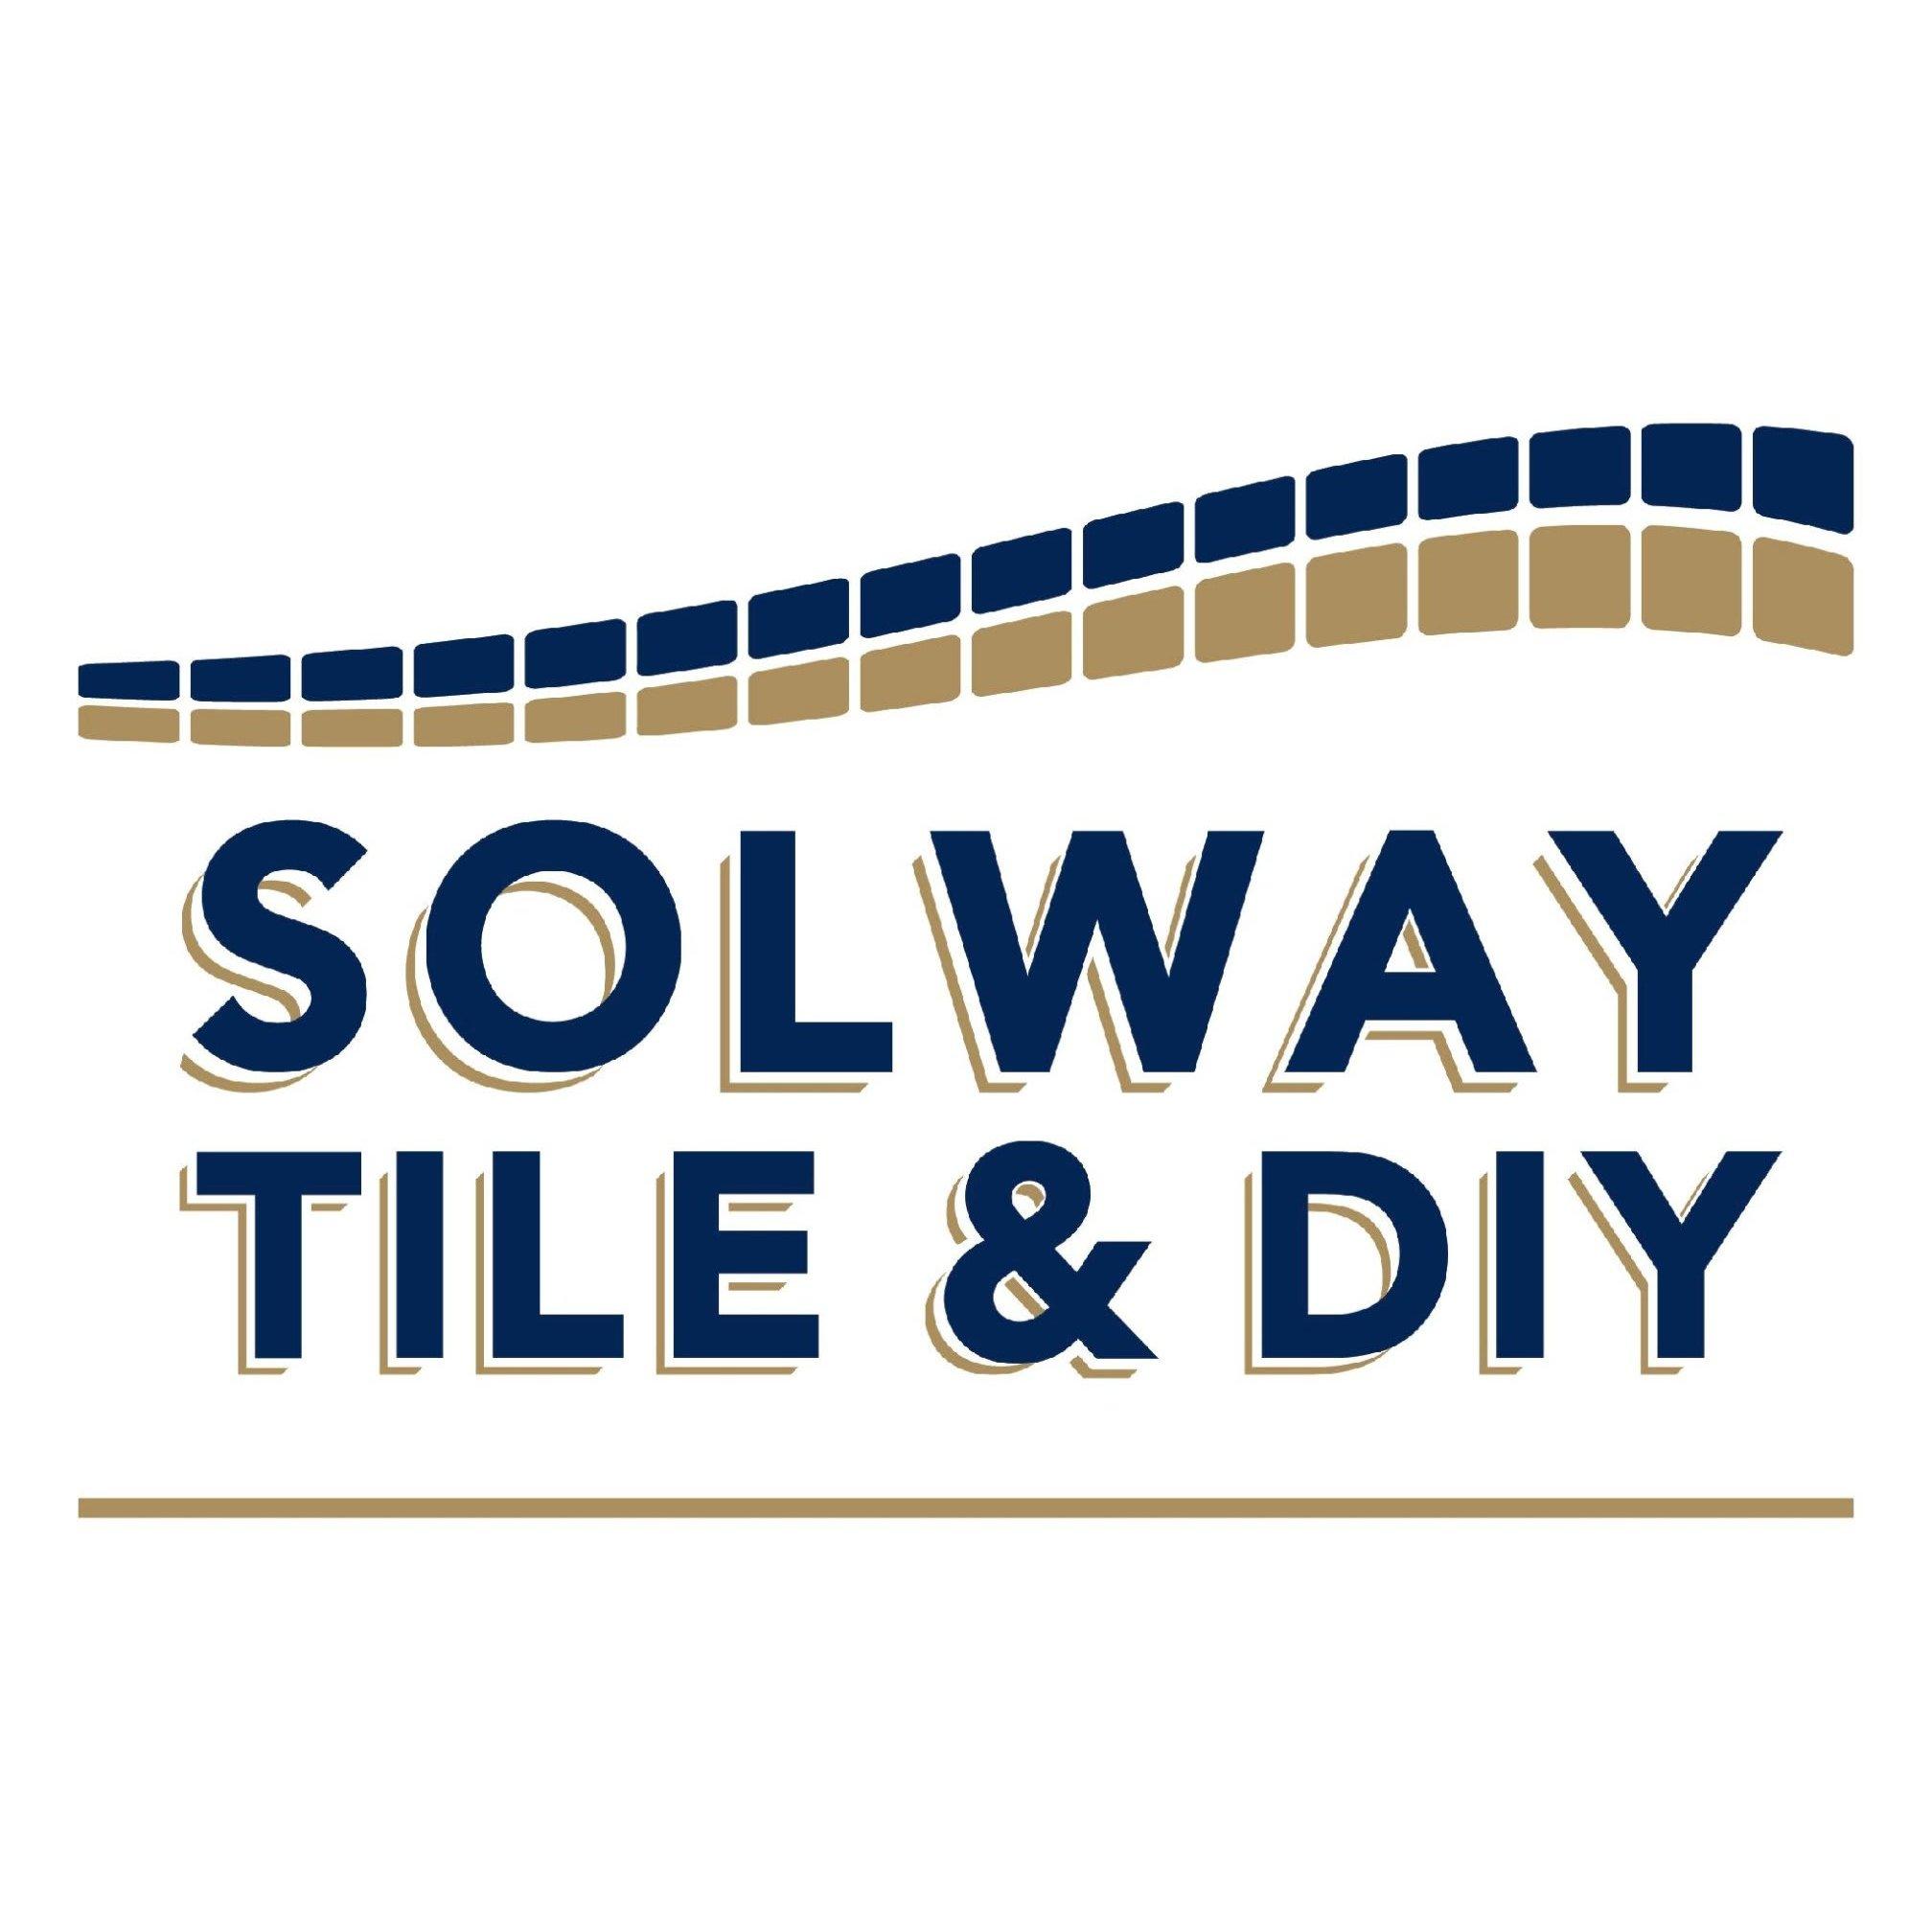 Solway Tile & DIY Centre Ltd - Dumfries, Dumfriesshire DG1 3PH - 01387 261171 | ShowMeLocal.com